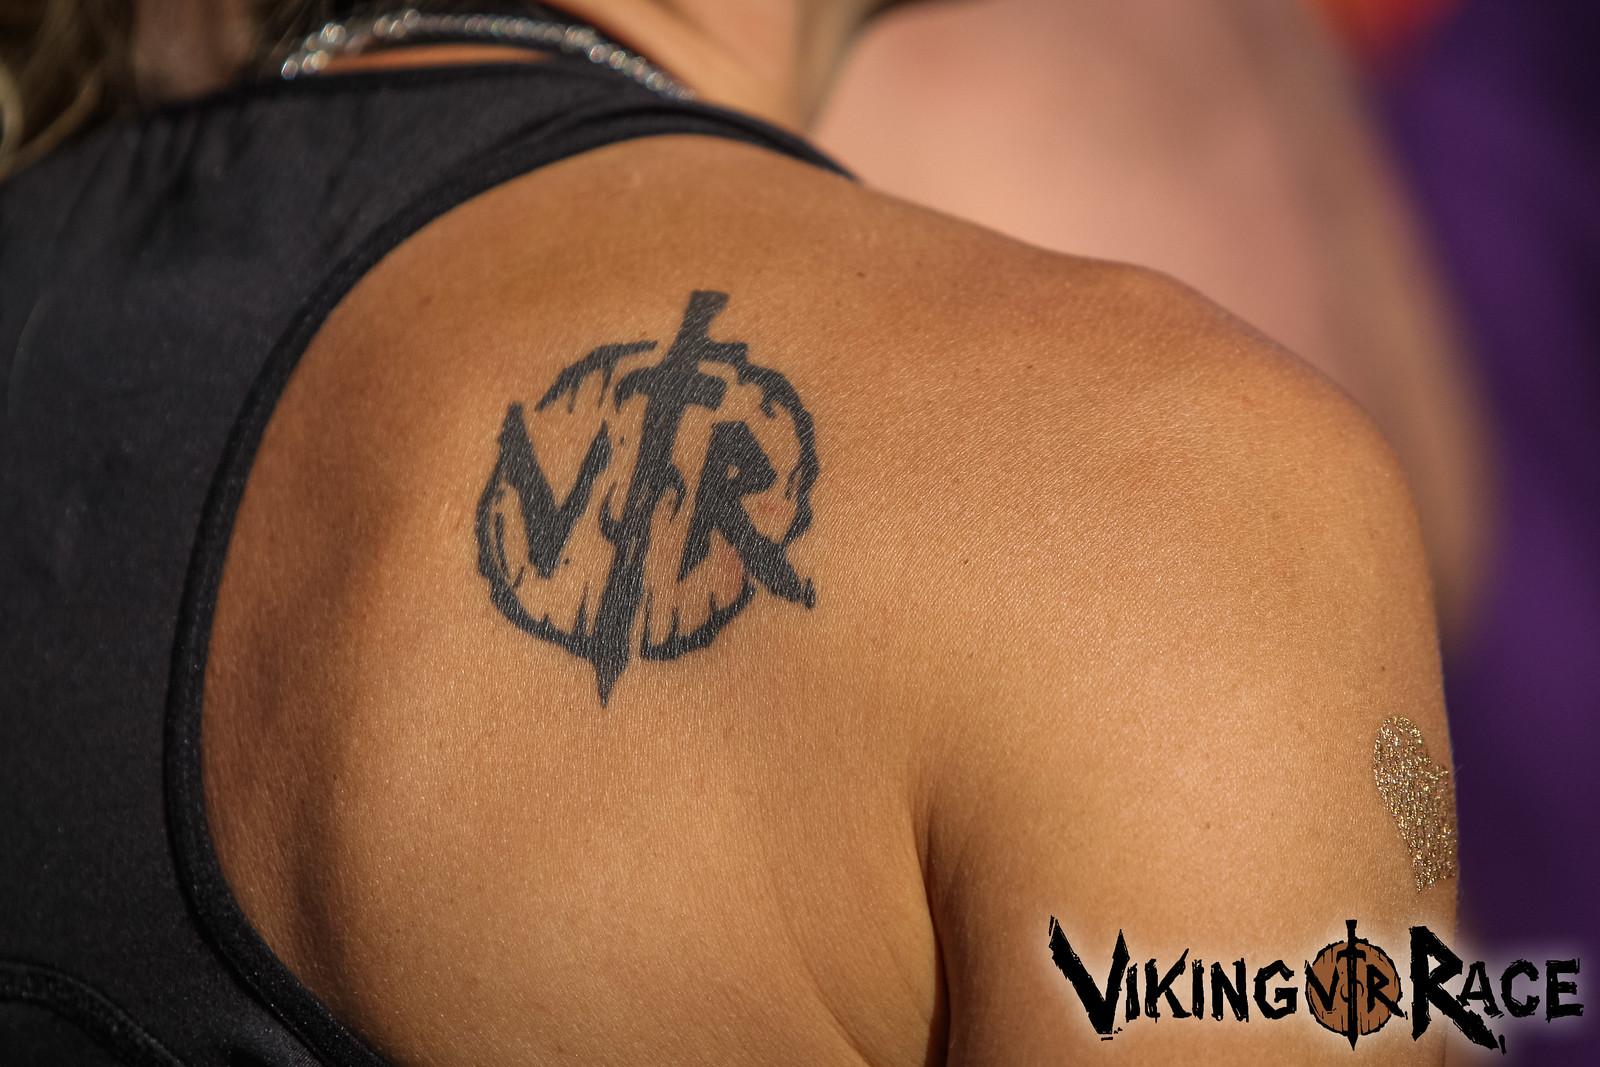 Noen har sagt at man skal tenke nøye over hva slags tatovering man tar...jeg kommer aldri til å angre på min! Viking Race og menneskene bak har betydd og kommer alltid til å bety så mye for meg at jeg med stolthet bærer min VR tattoo på ryggen.Engang viking, alltid viking!